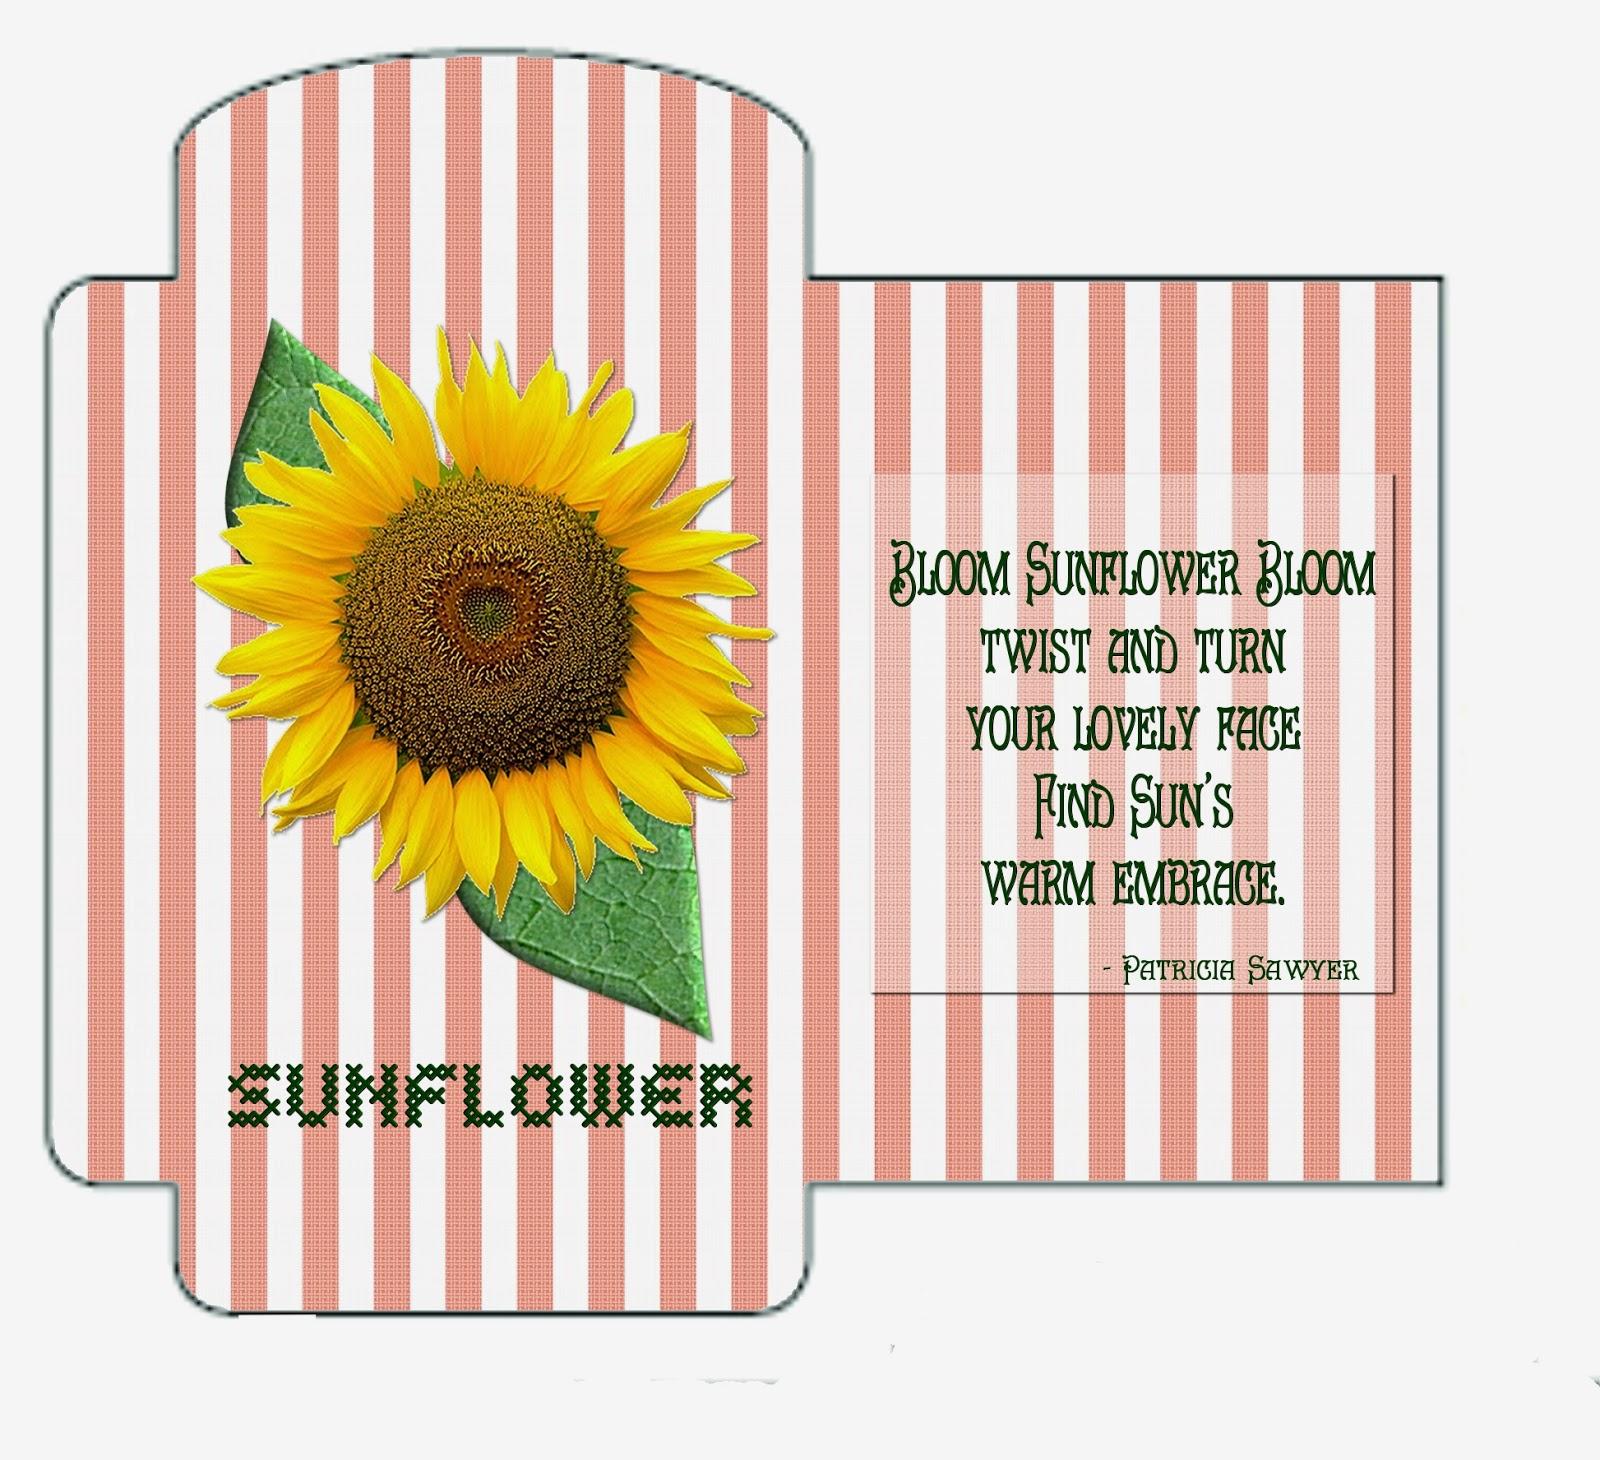 http://1.bp.blogspot.com/-TqwDbevUl0c/VUTF0stahrI/AAAAAAAAMTM/ZtBRN3nAoe0/s1600/sunflowerseedpacket_coveredinglue.jpg